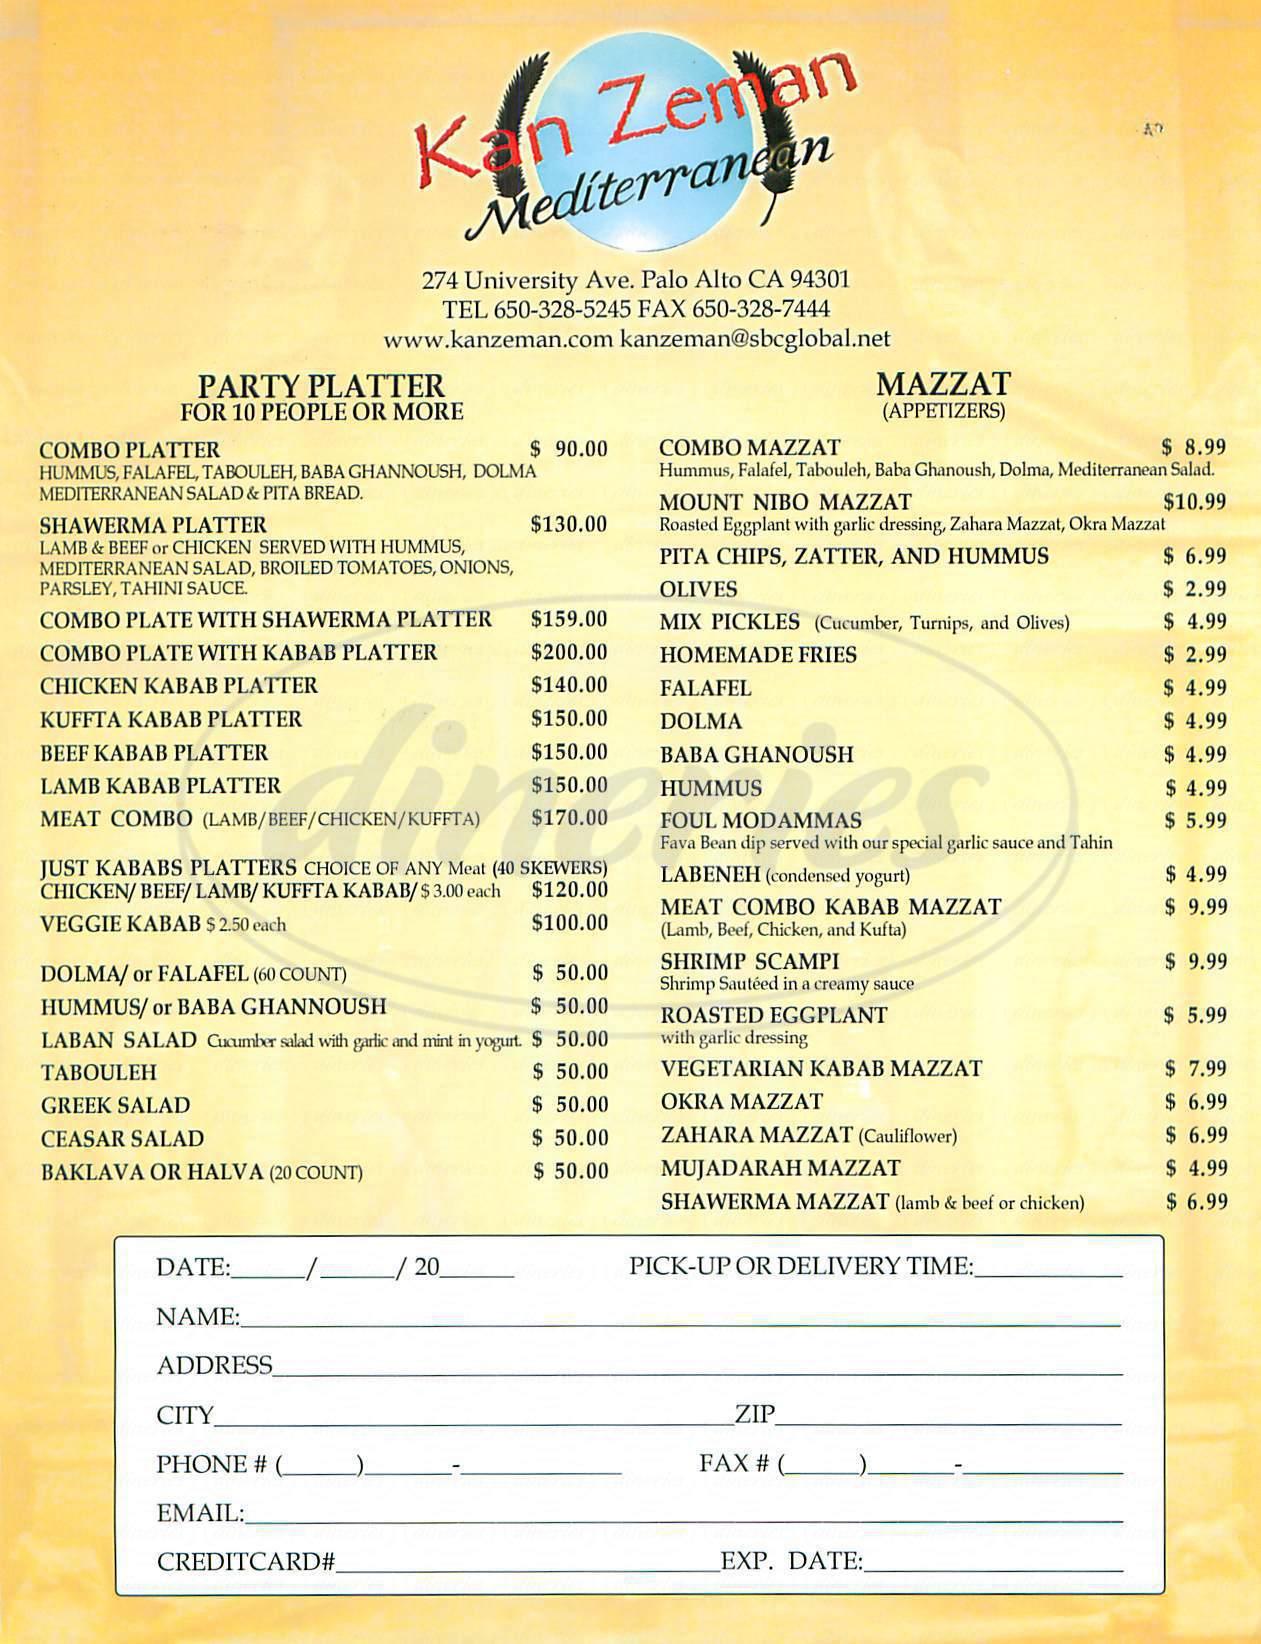 menu for Kan Zeman